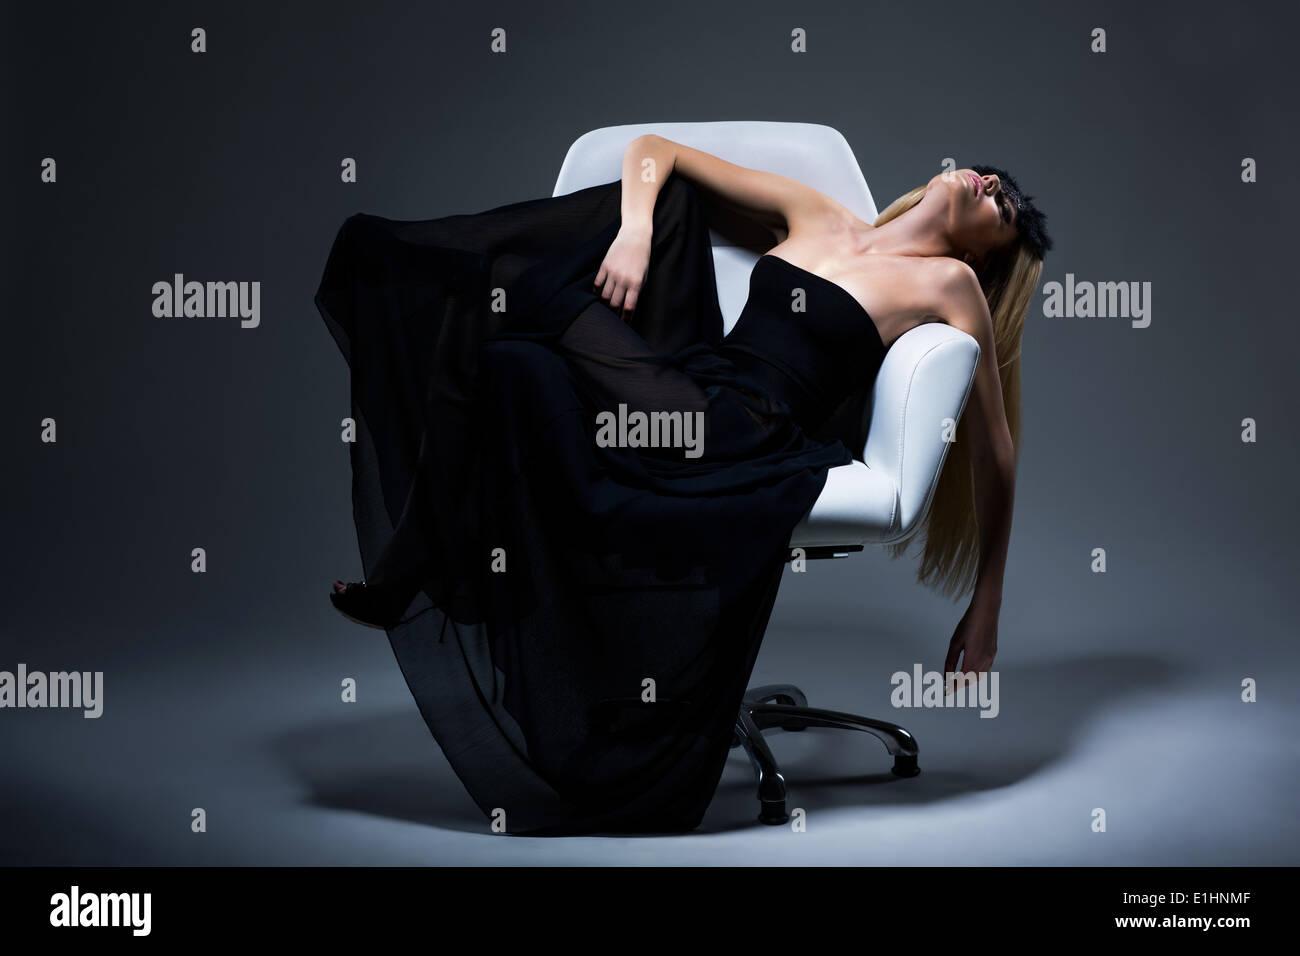 L'harmonie et la sensualité. Femme blonde romantique en robe noire se reposant dans un fauteuil. Satisfaction Photo Stock